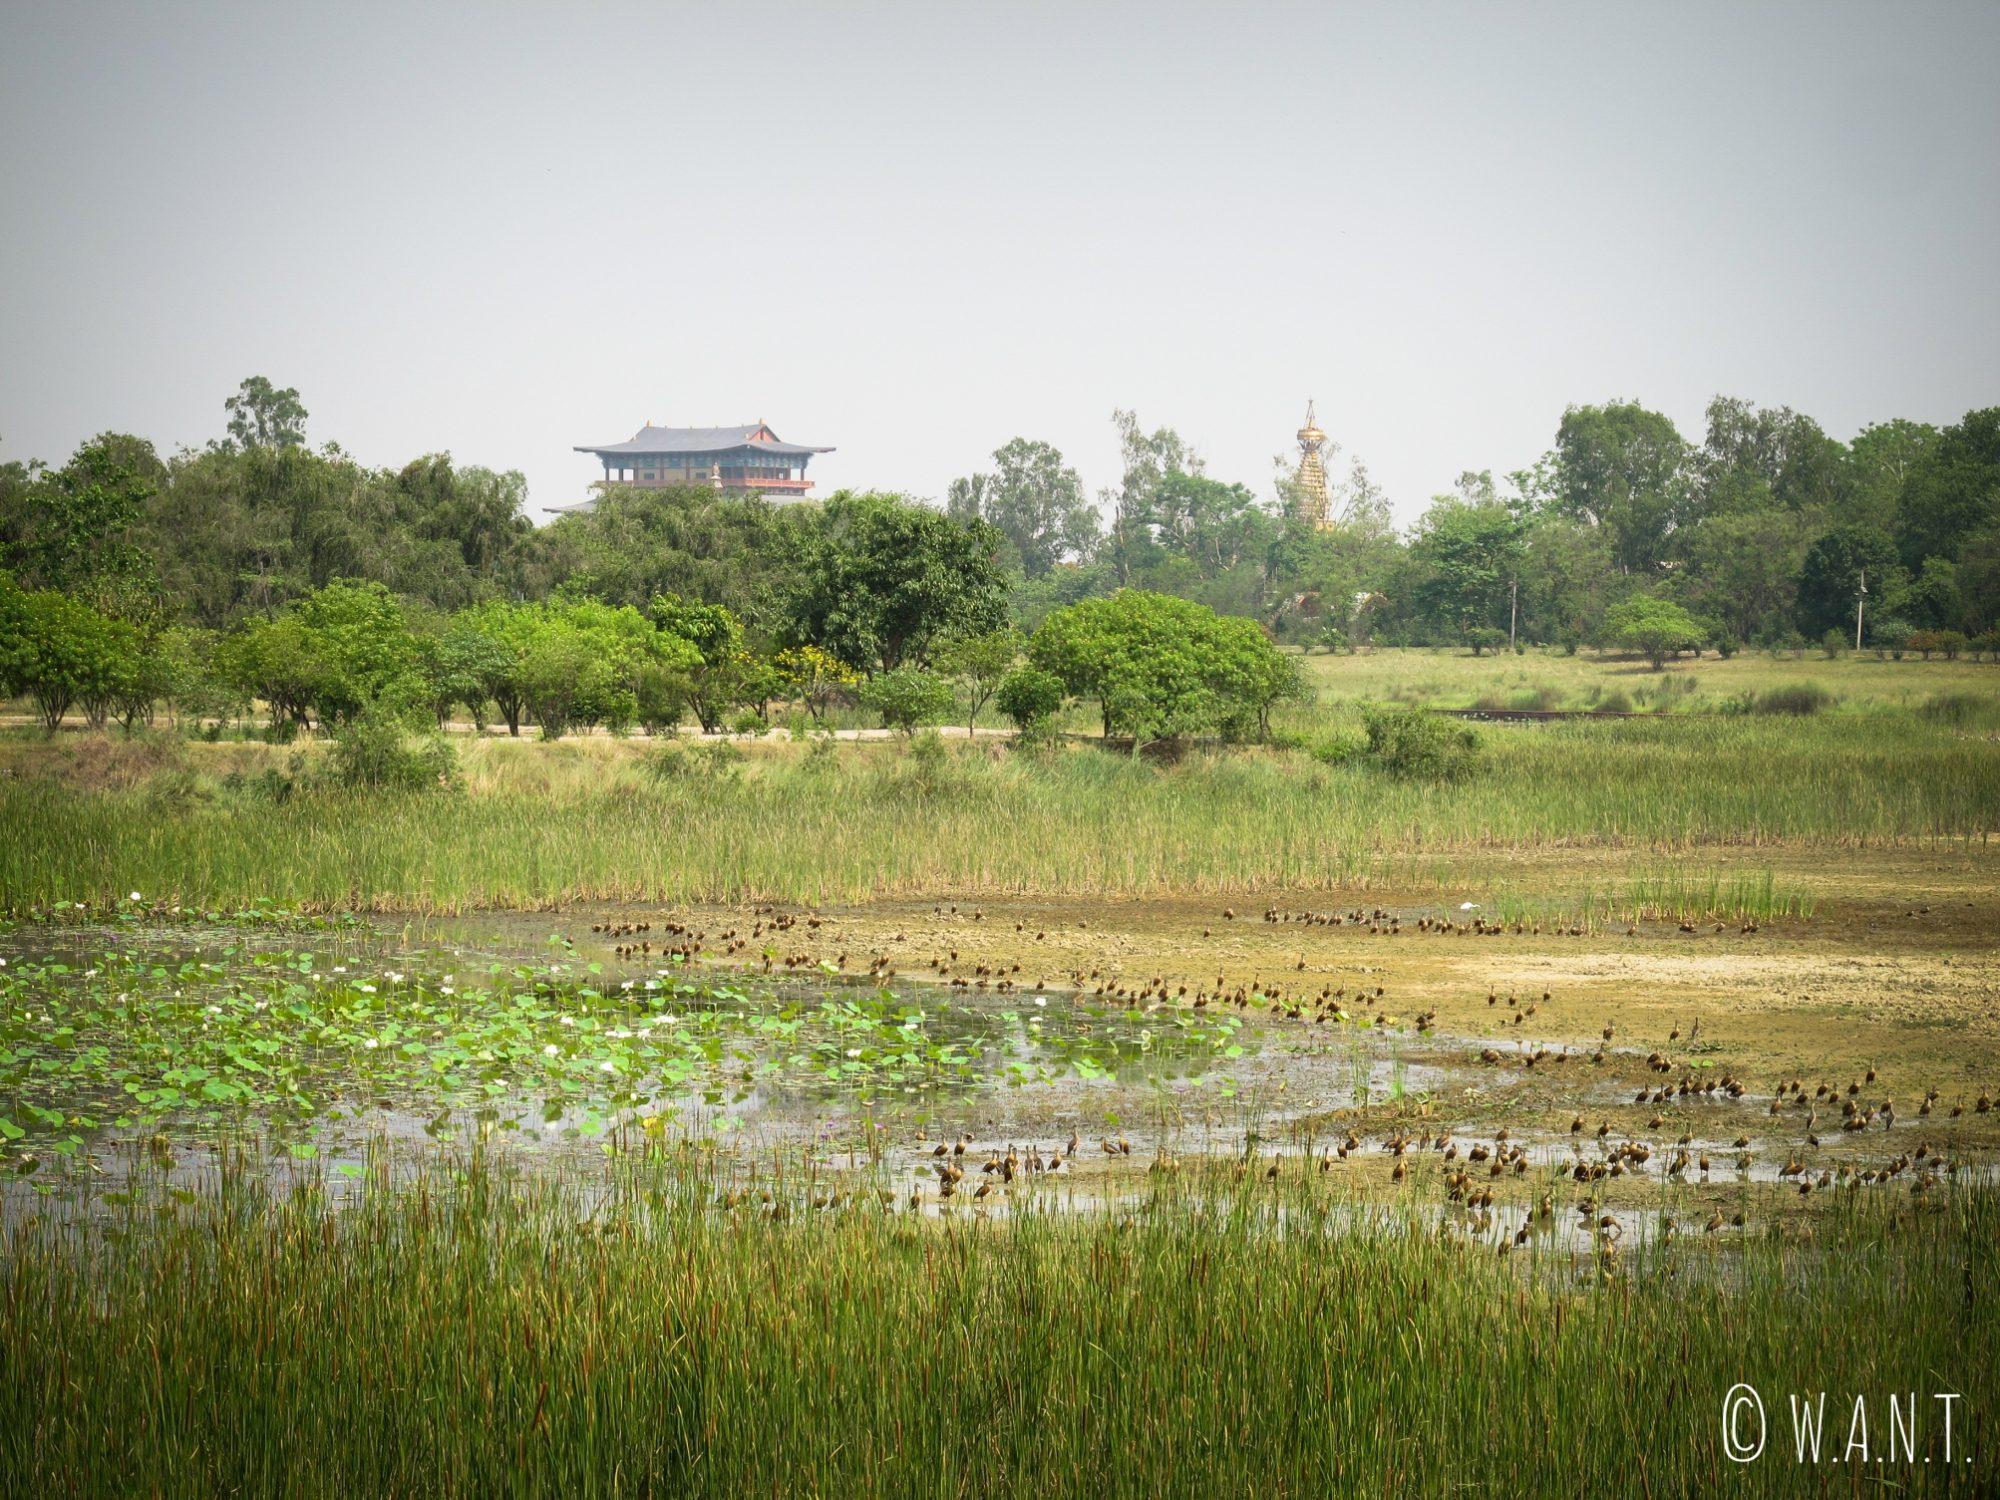 La faune et la flore est très developpée autour des temples et monastères du parc de Lumbini